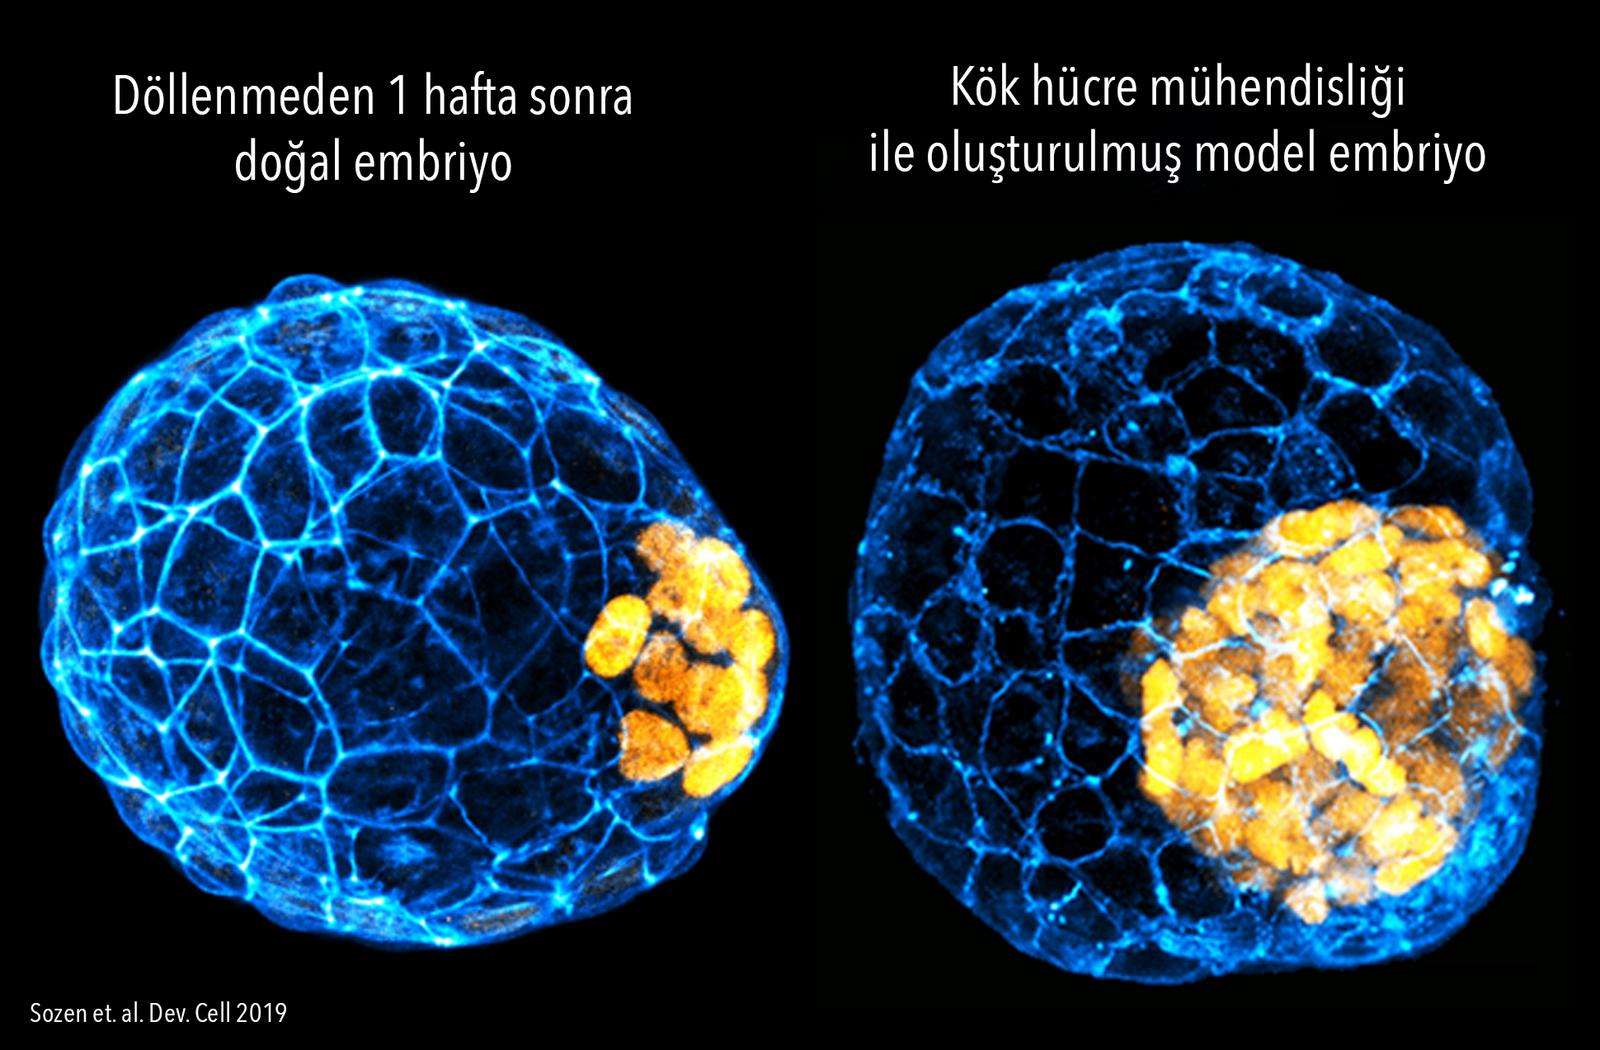 blastoid vs blastocyst.jpg